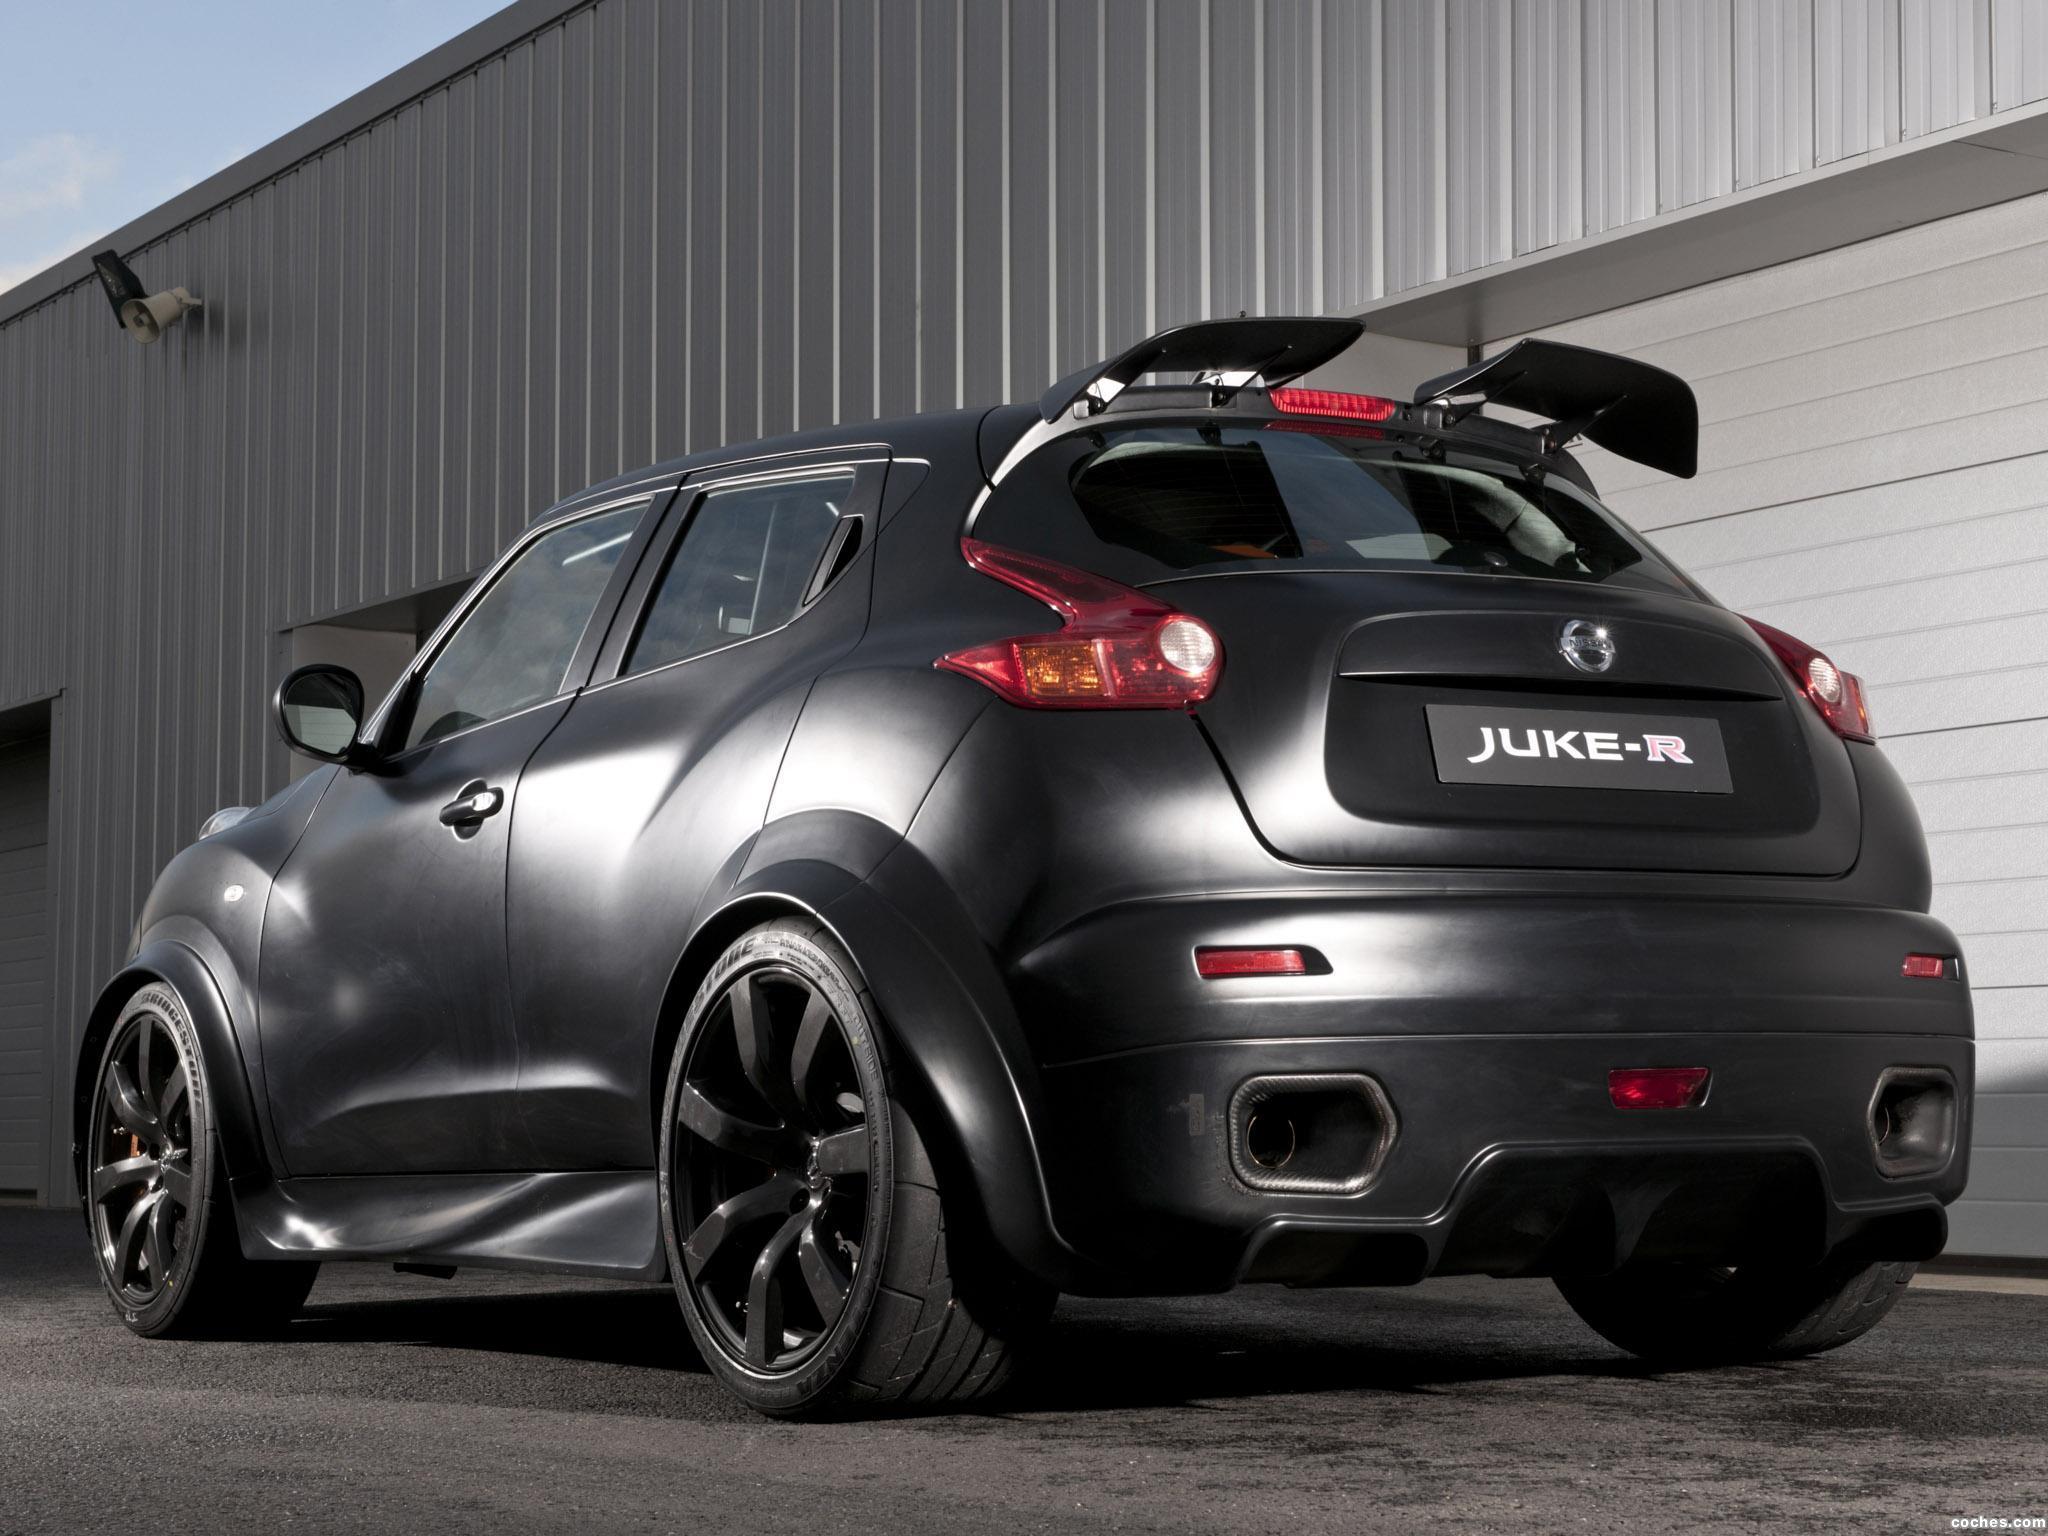 Foto 10 de Nissan Juke R 2011